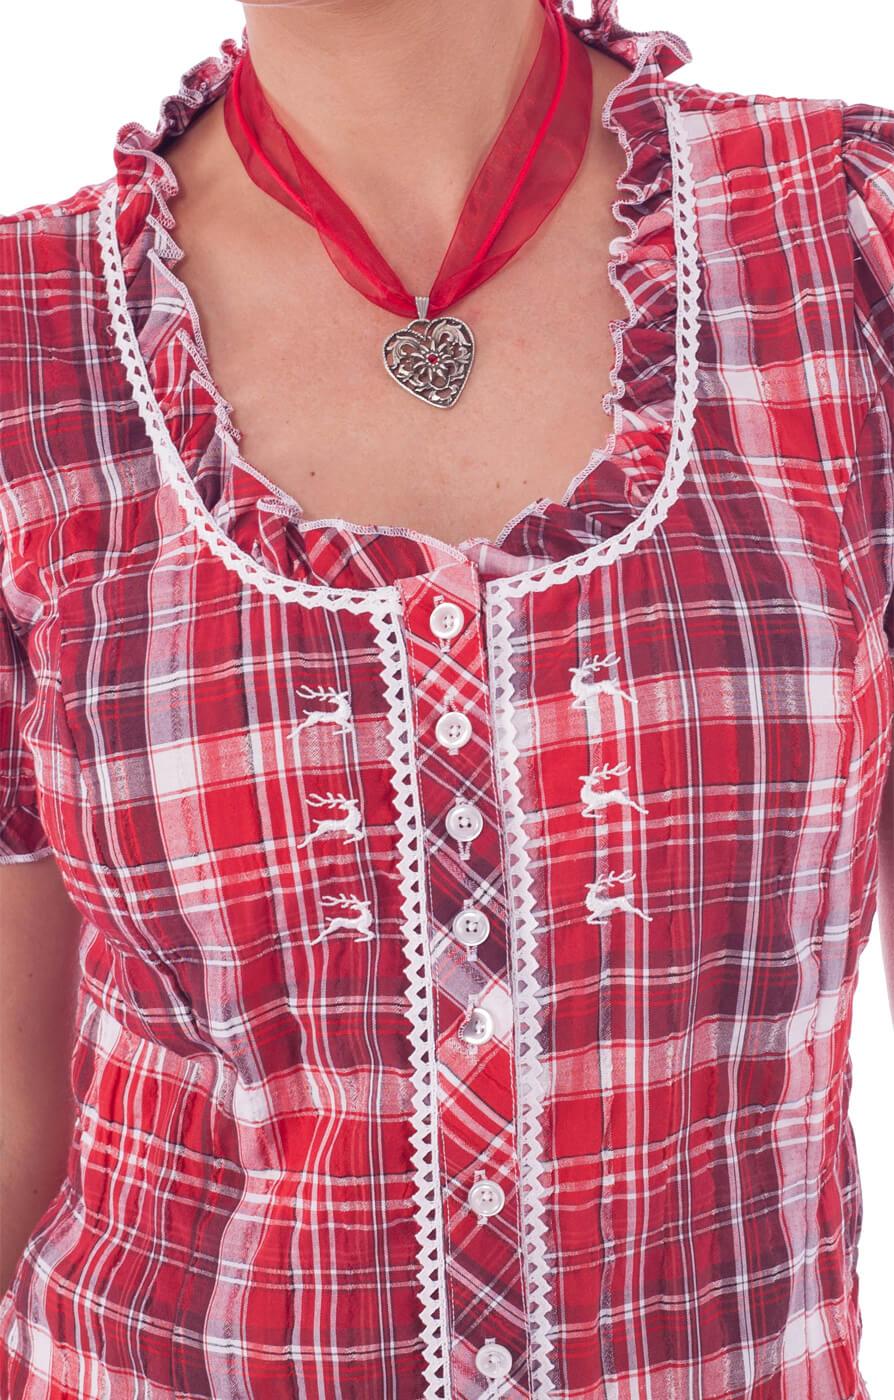 weitere Bilder von Trachten Rüschenbluse FERENA Hirschstick karo rot